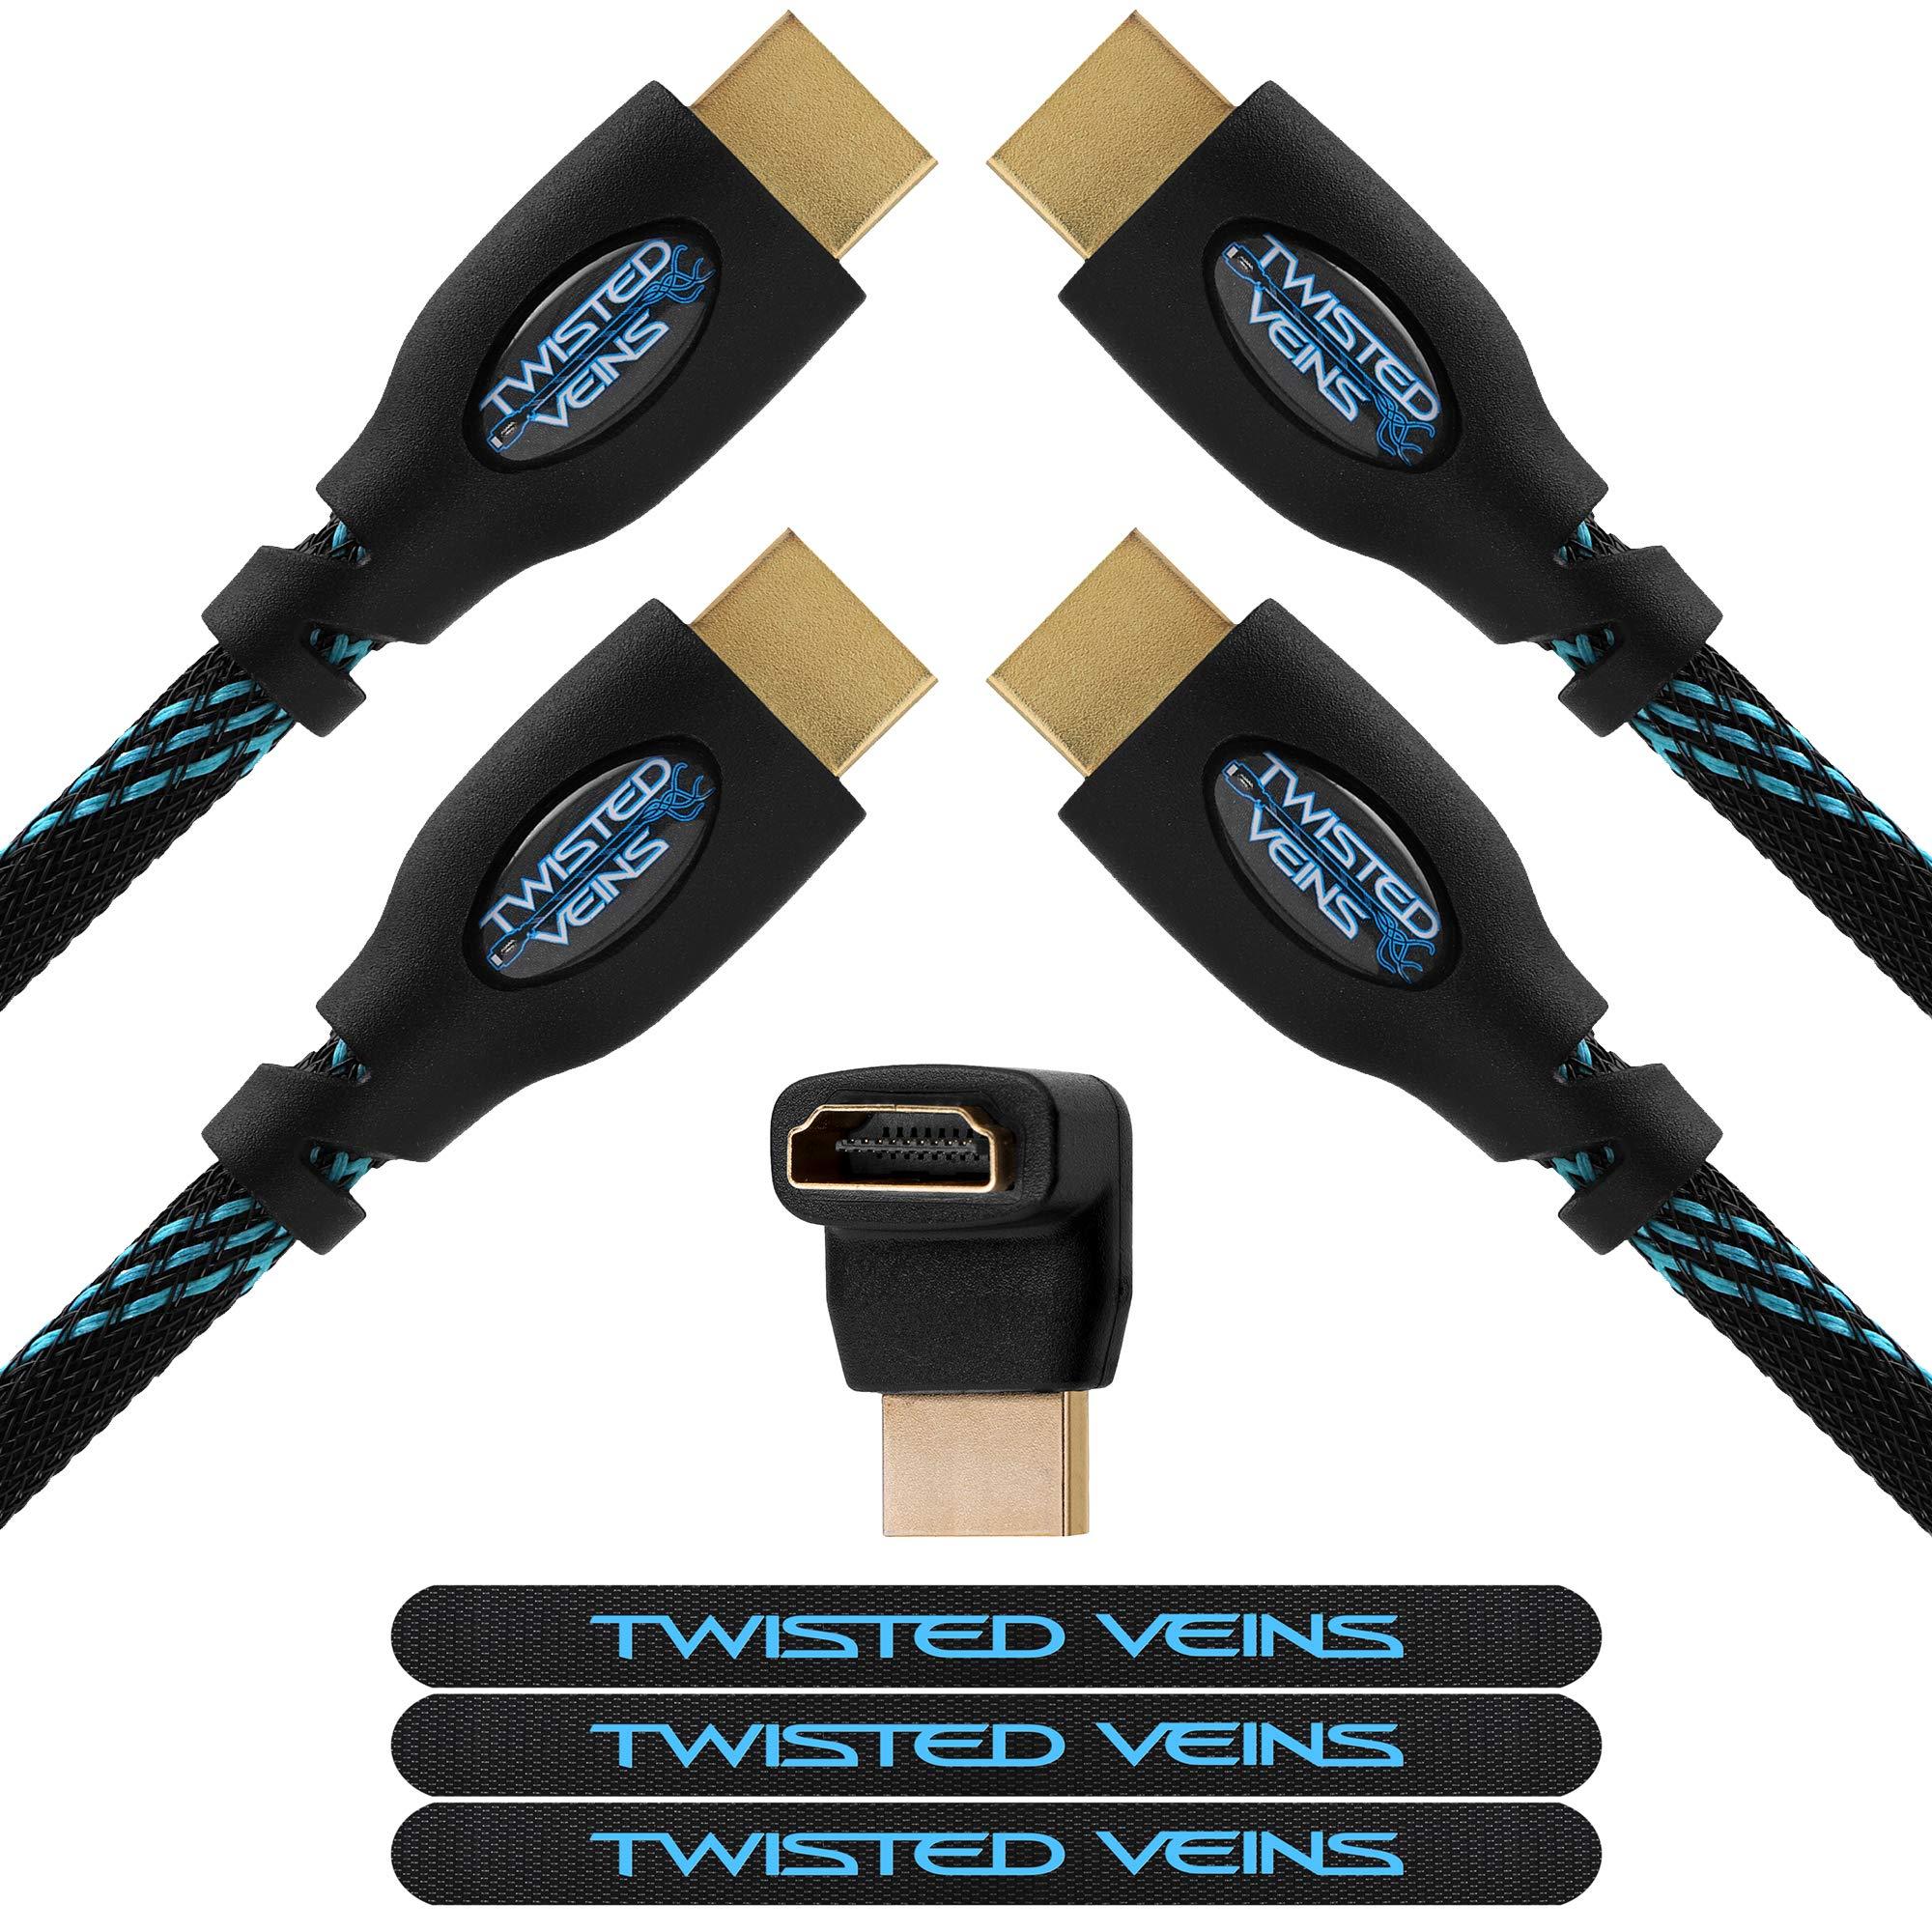 Cable Hdmi De Venas Retorcidas, 25 Pies, Paquete De 2, Tipo De Cable Hdmi Premium De Alta Velocidad Con Ethernet, Compat